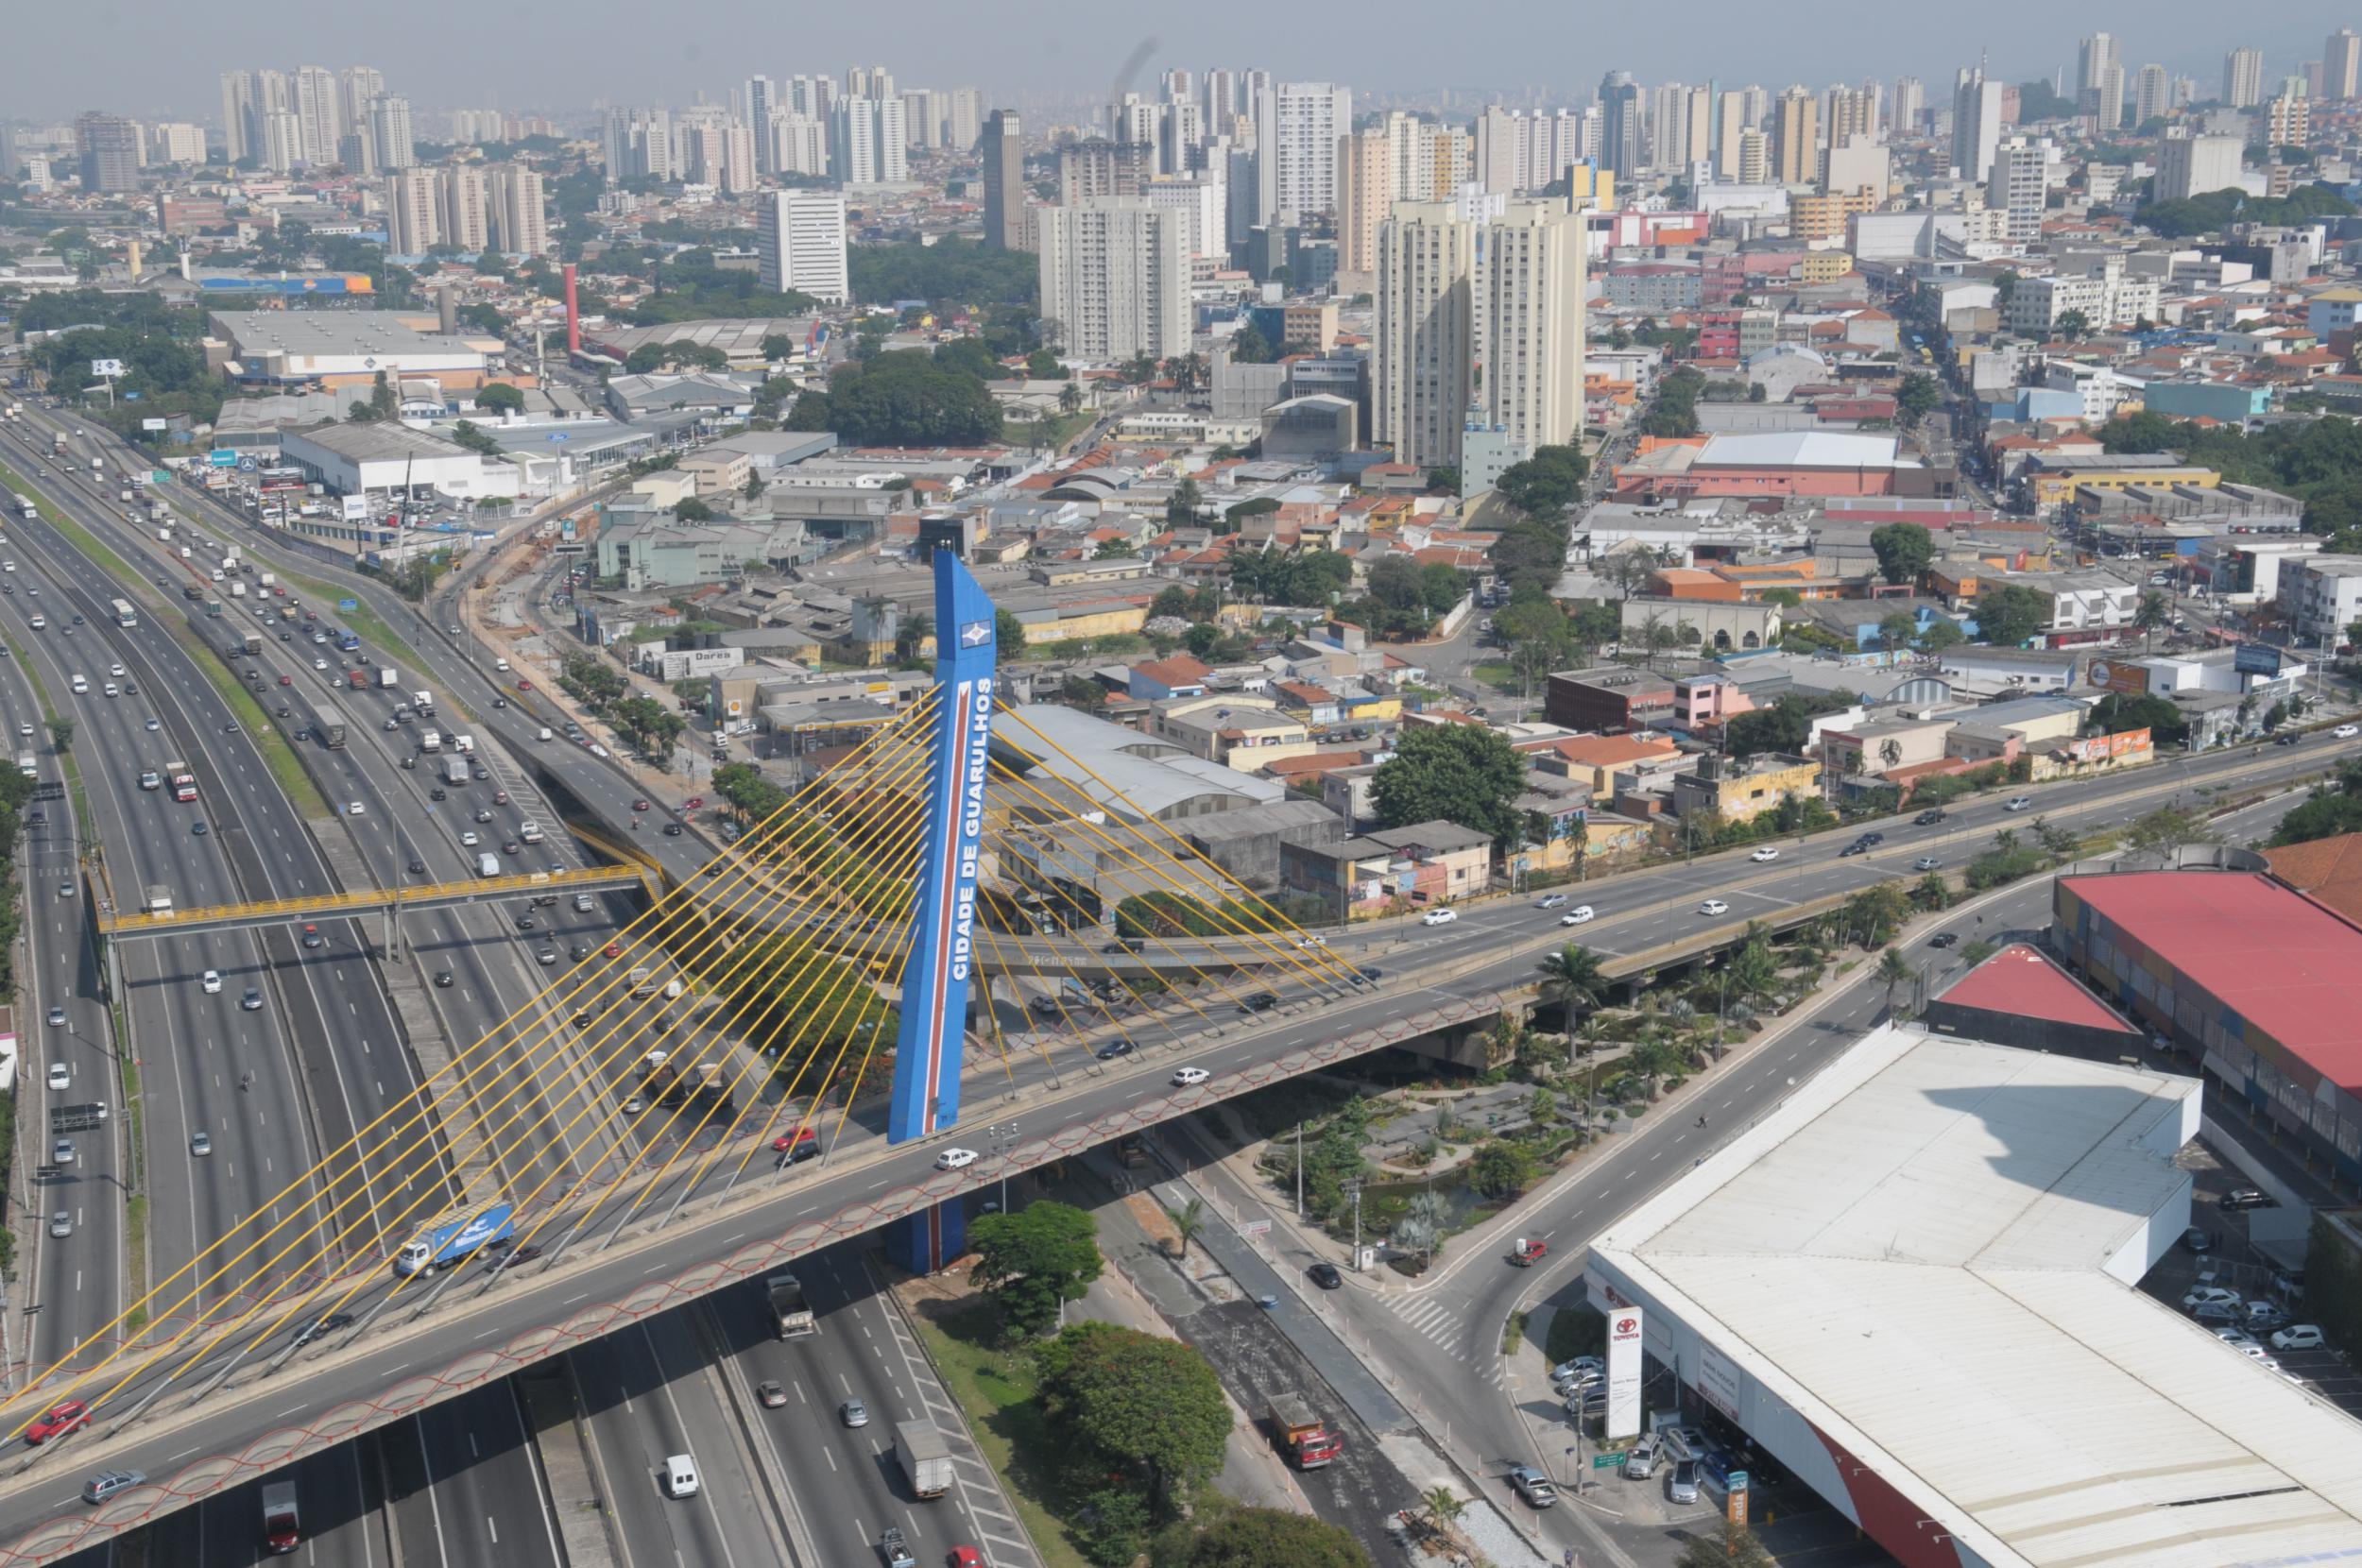 CCR NovaDutra realiza obras de drenagem em via local em Guarulhos